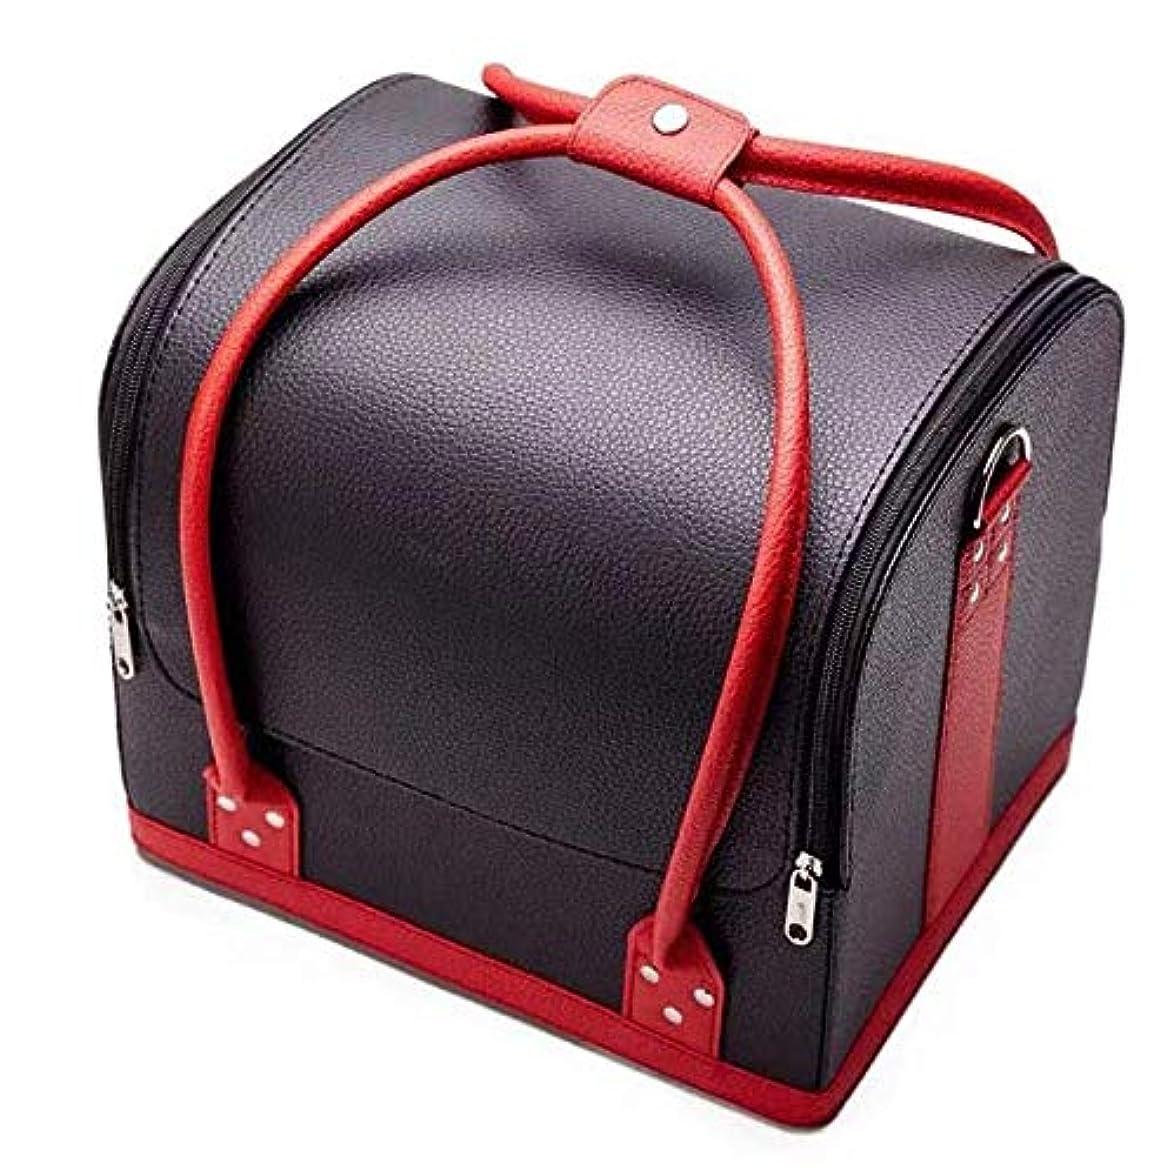 ヤギコミットルーチン持ち運びできる メイクボックス 大容量 取っ手付き コスメボックス 化粧品収納ボックス 収納ケース 小物入れ (ブラック?レッド)